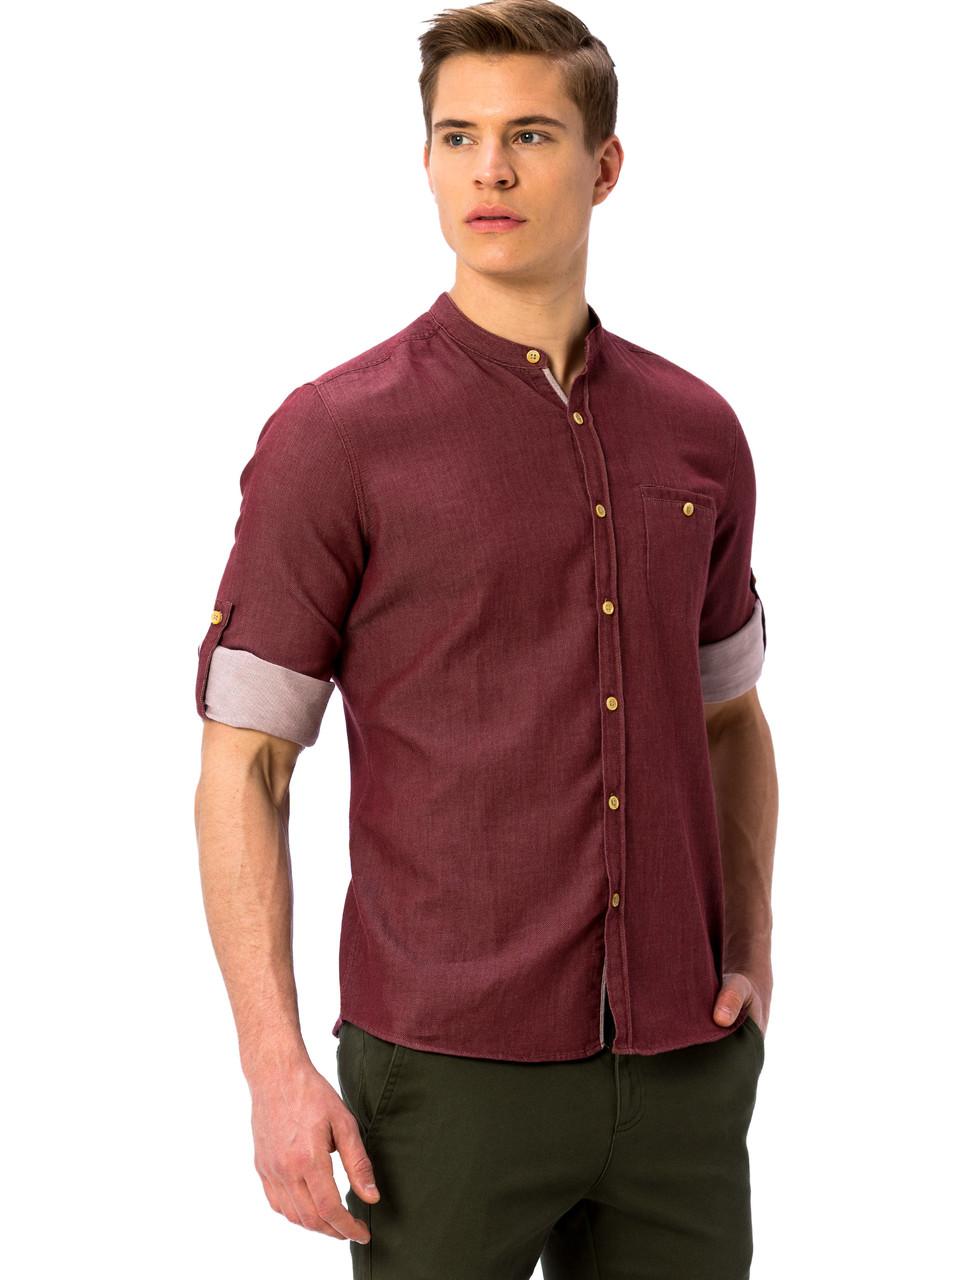 Бордовая мужская рубашка LC Waikiki / ЛС Вайкики с воротником-стойкой